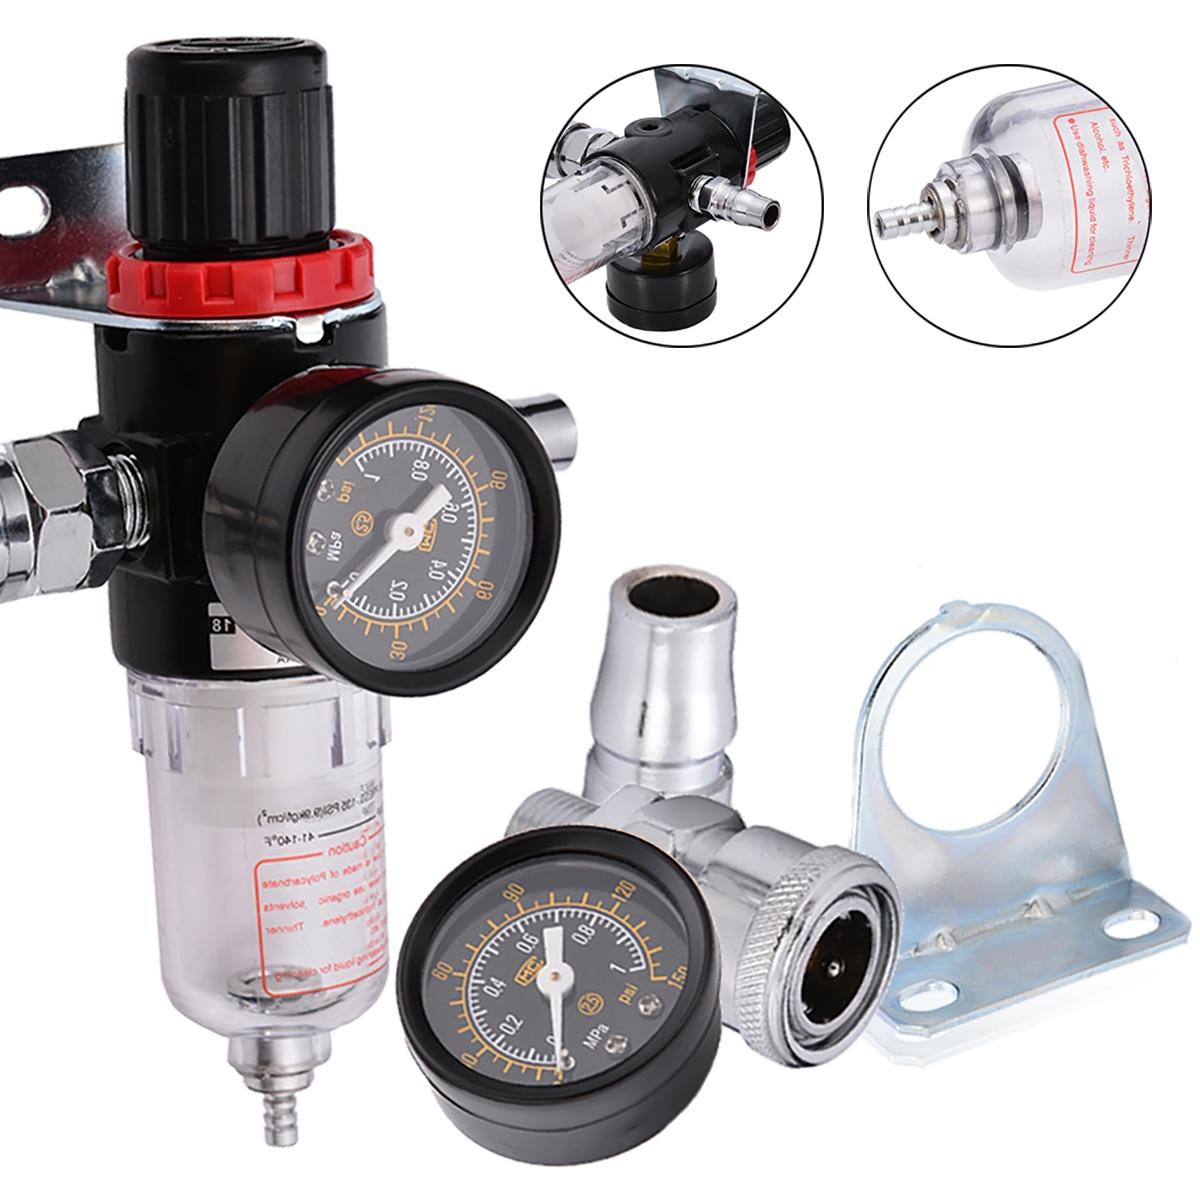 1set AFR2000 Oil Water Filter 1/4 Air Compressor Oil Water Regulator Filter Pressure Gauge Moisture Trap aw5000 10 1 4 air filter regulator moisture trap pressure gauge compressor